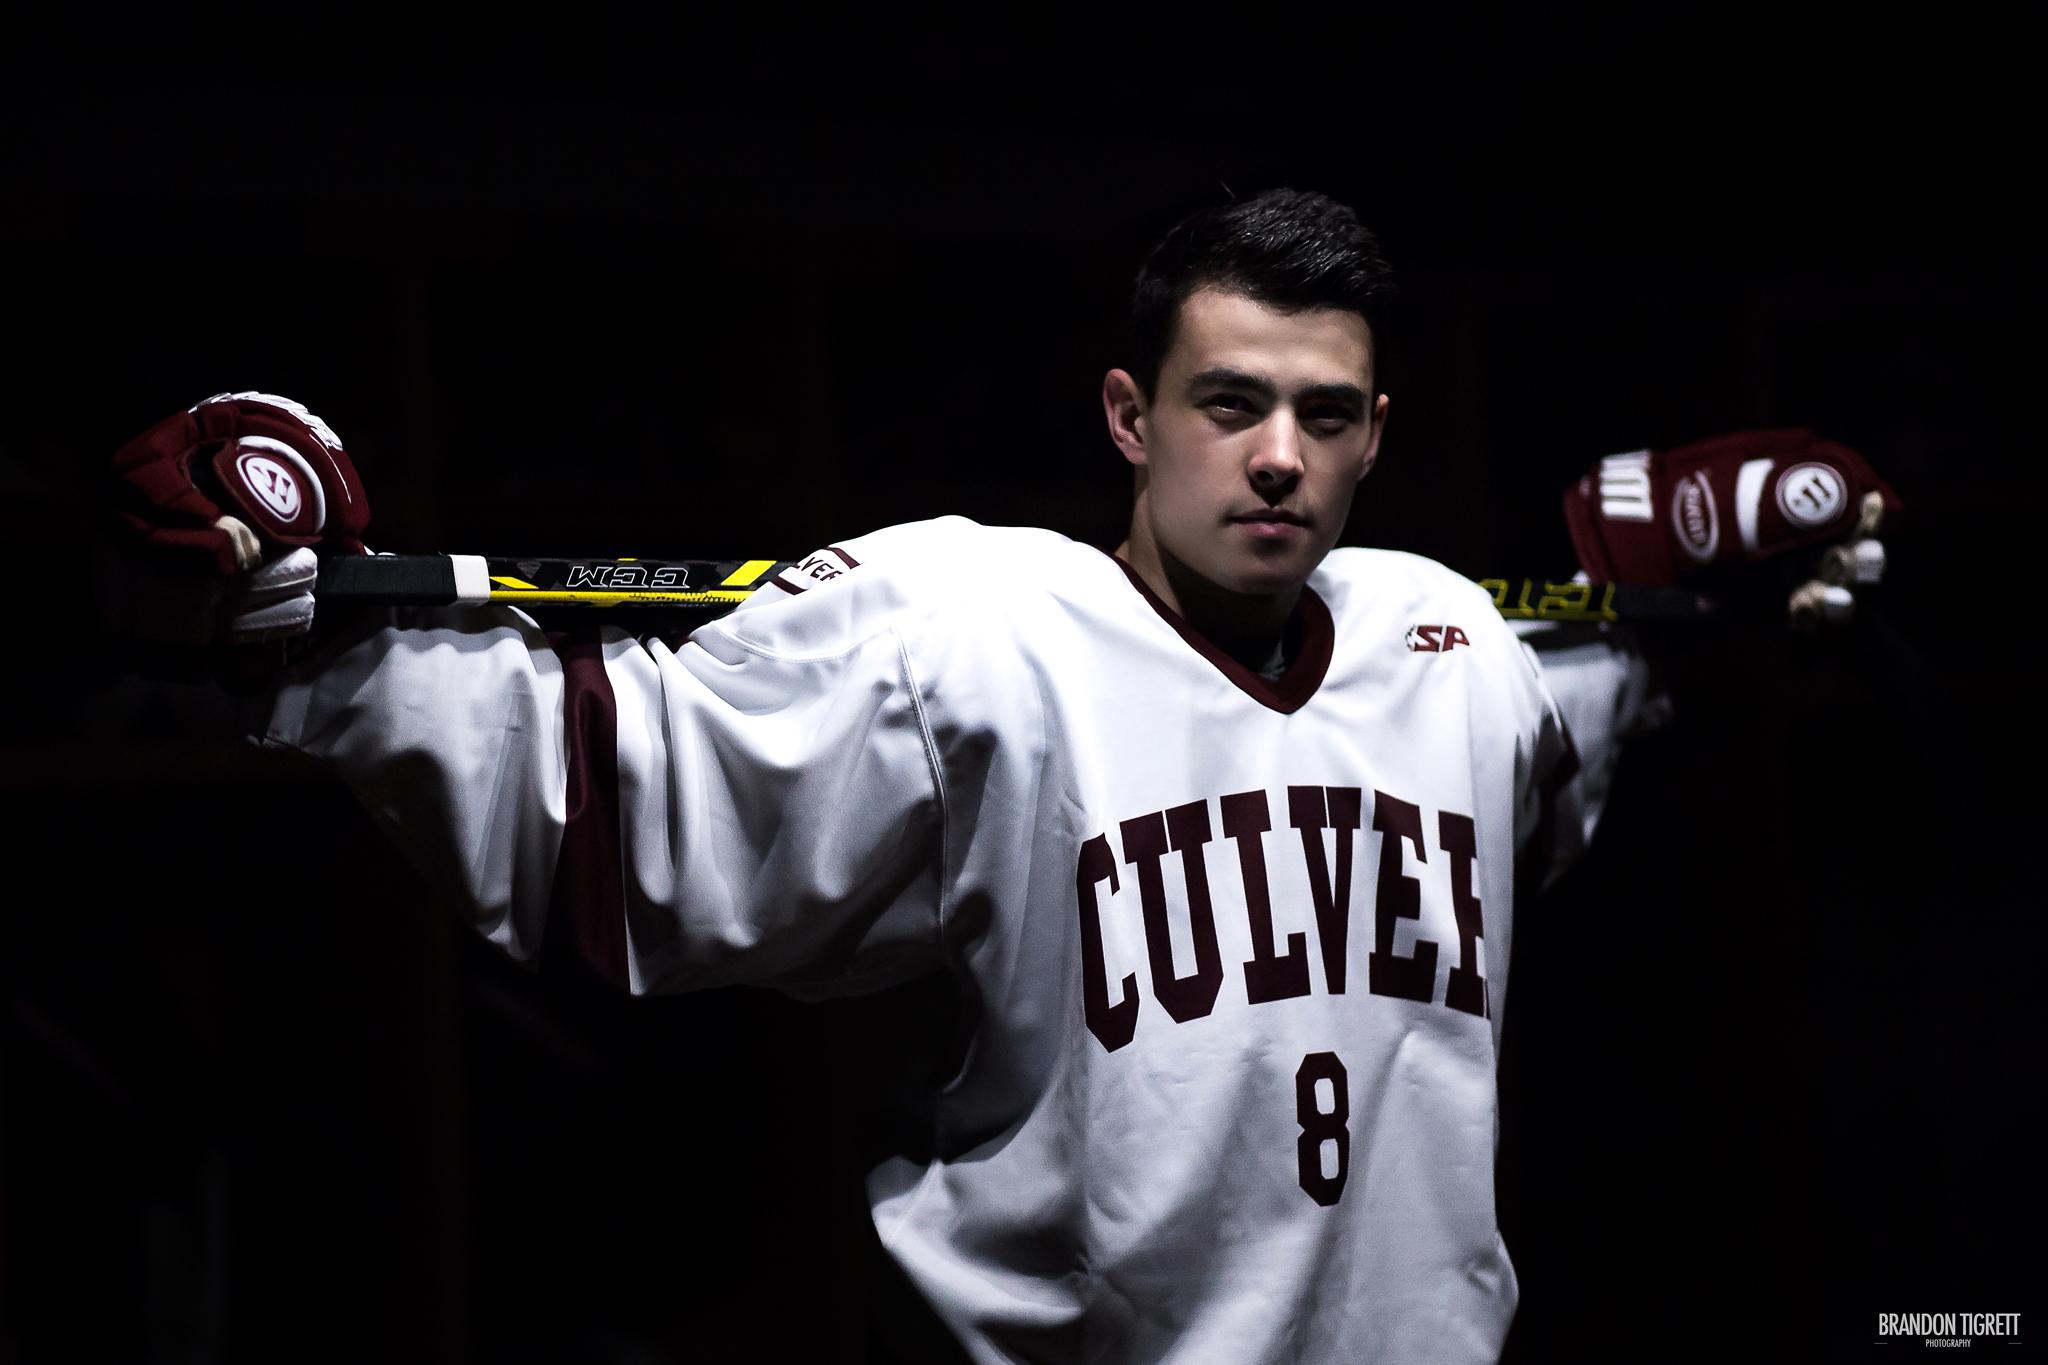 Culver Academy Senior Photos - Hockey - Karch Bachman